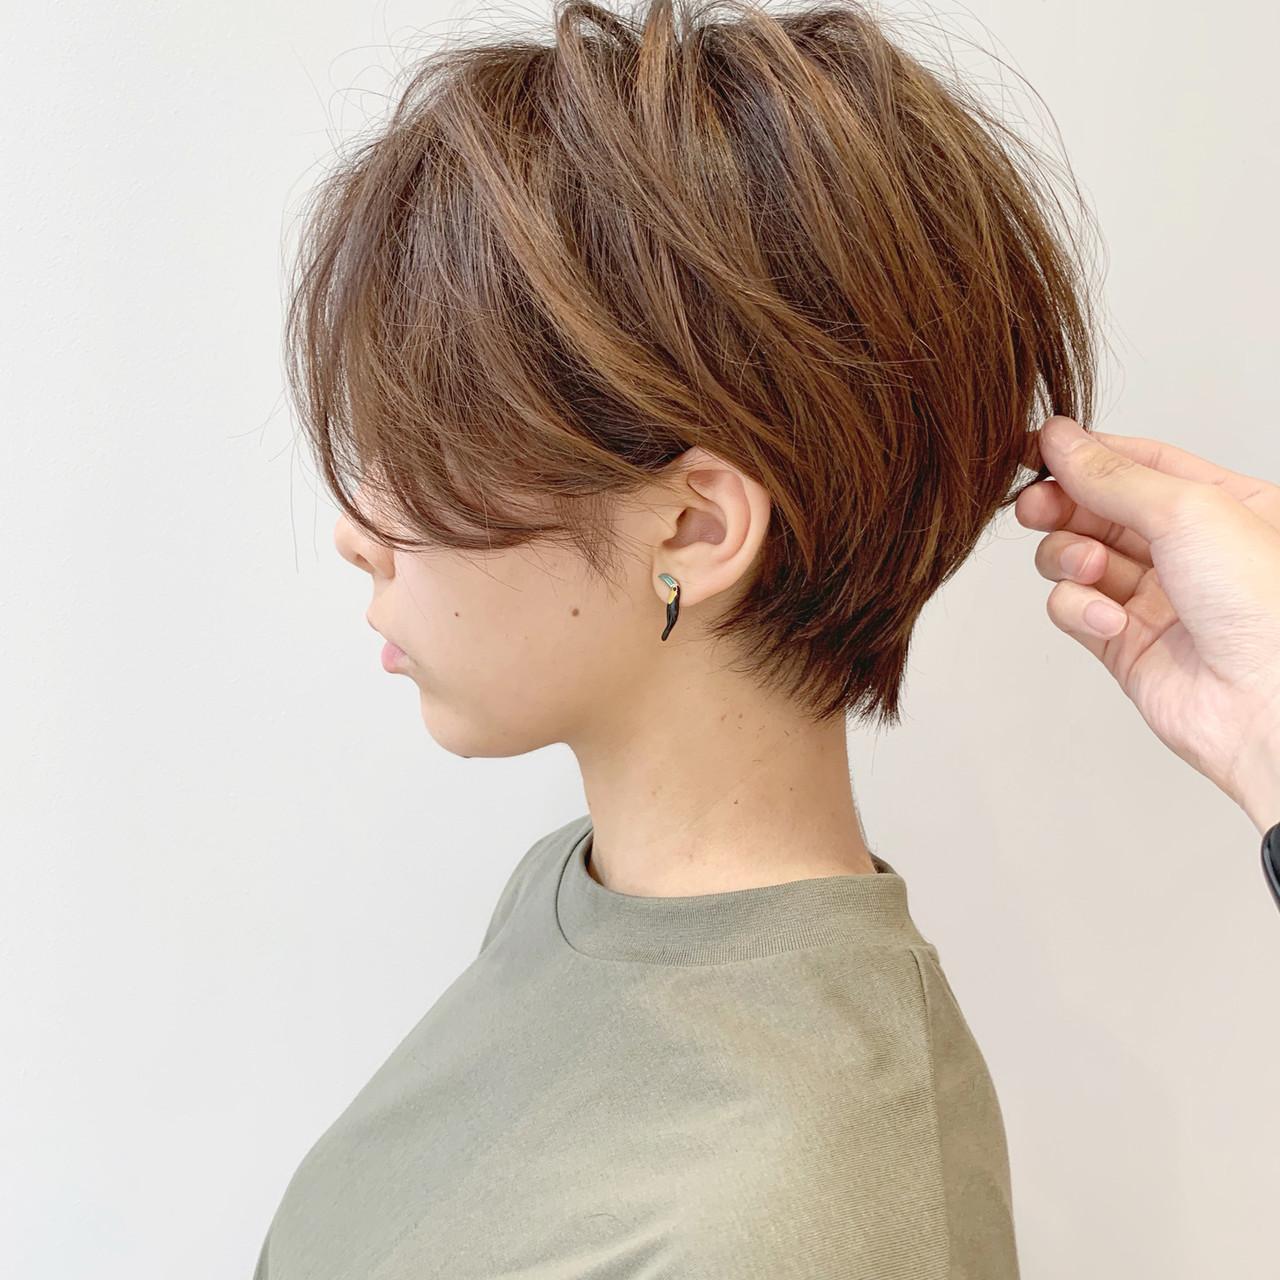 モード ショート デート スポーツ ヘアスタイルや髪型の写真・画像 | ショートヘア美容師 #ナカイヒロキ / 『send by HAIR』